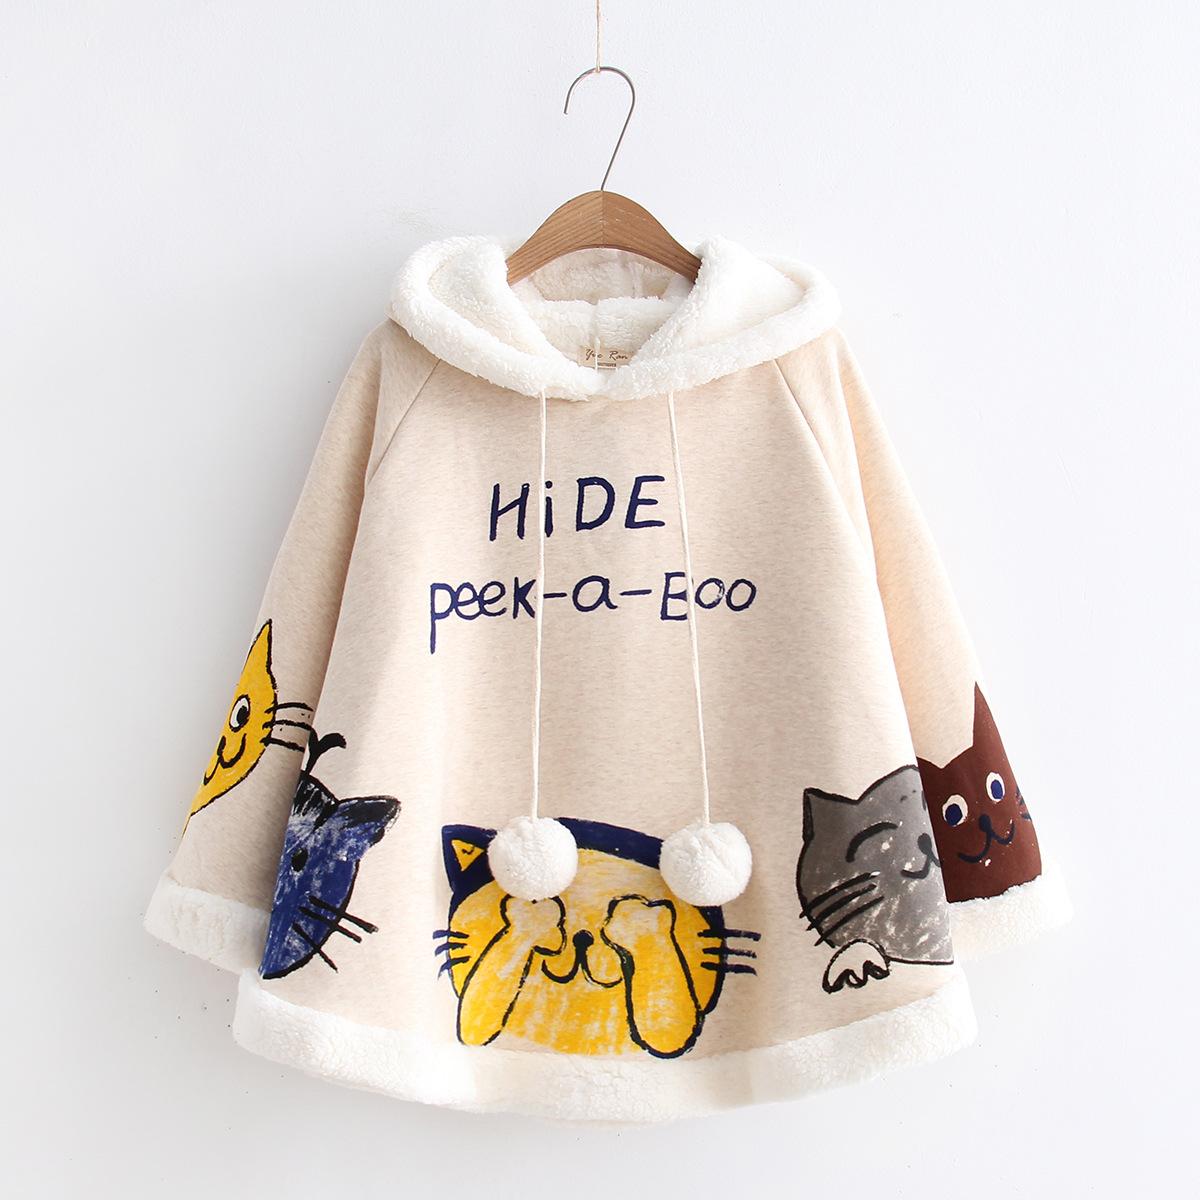 Nhật vui vẻ phong cách gió nhút nhát mèo đội mũ trùm đầu áo choàng nhung cừu lỏng kích thước lớn dày lông phụ nữ bán buôn 11008